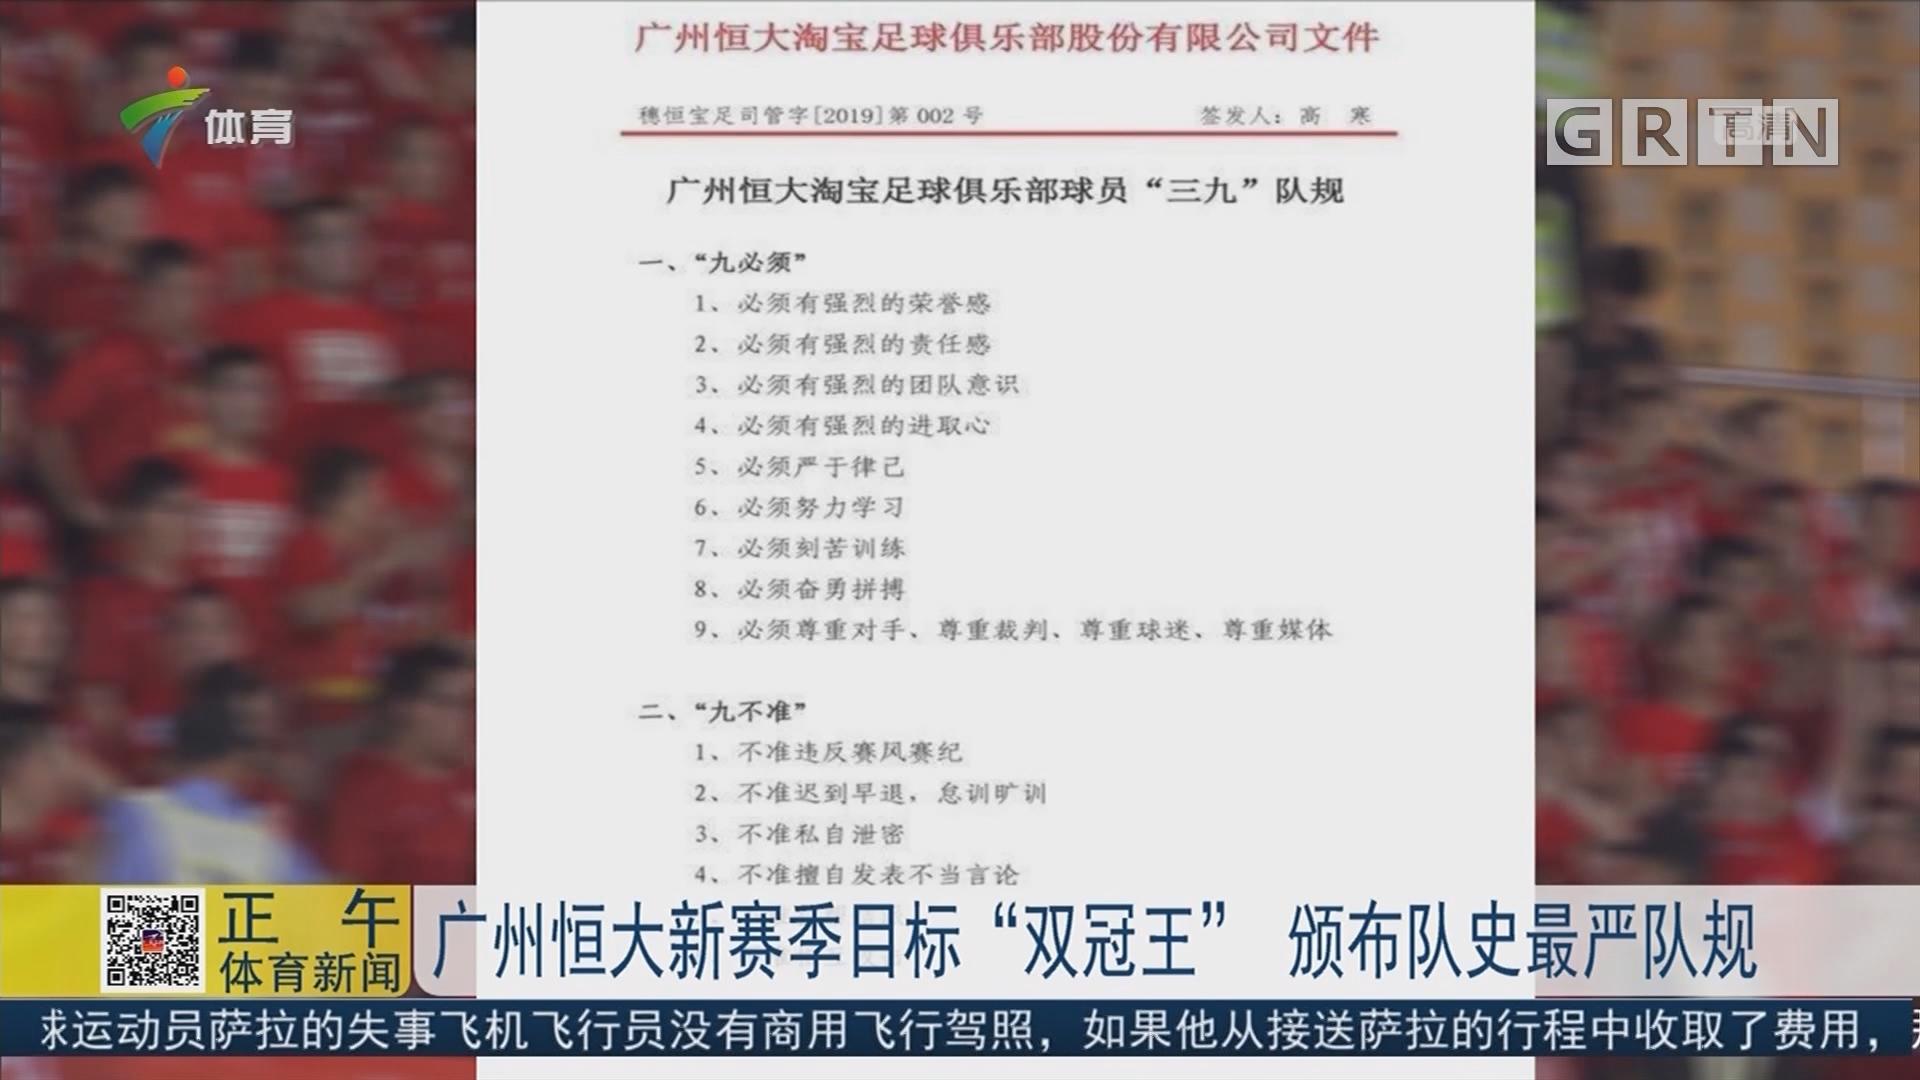 """广州恒大新赛季新目标""""双冠王"""" 颁发队史最严队规"""